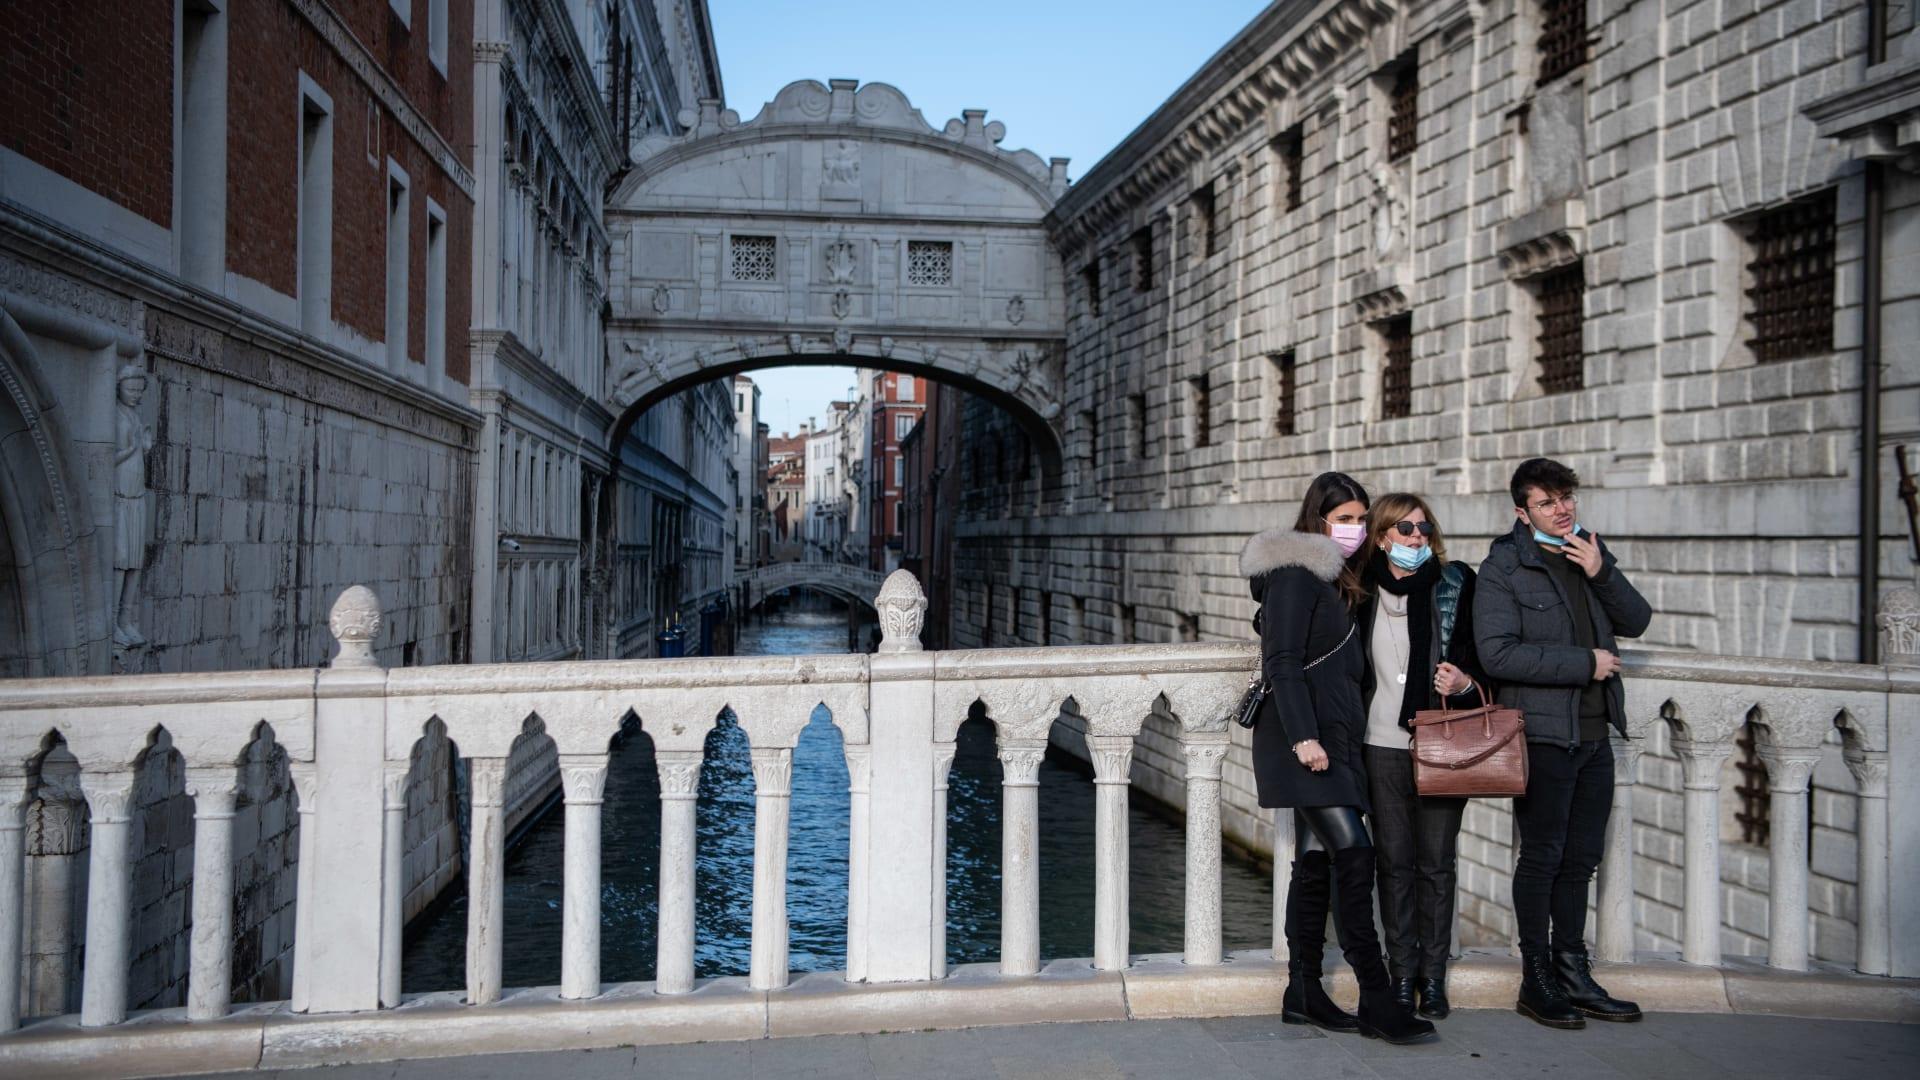 مع تراجع كورونا.. رئيس الوزراء الإيطالي يدعو السياح لحجز عطلاتهم في البلاد